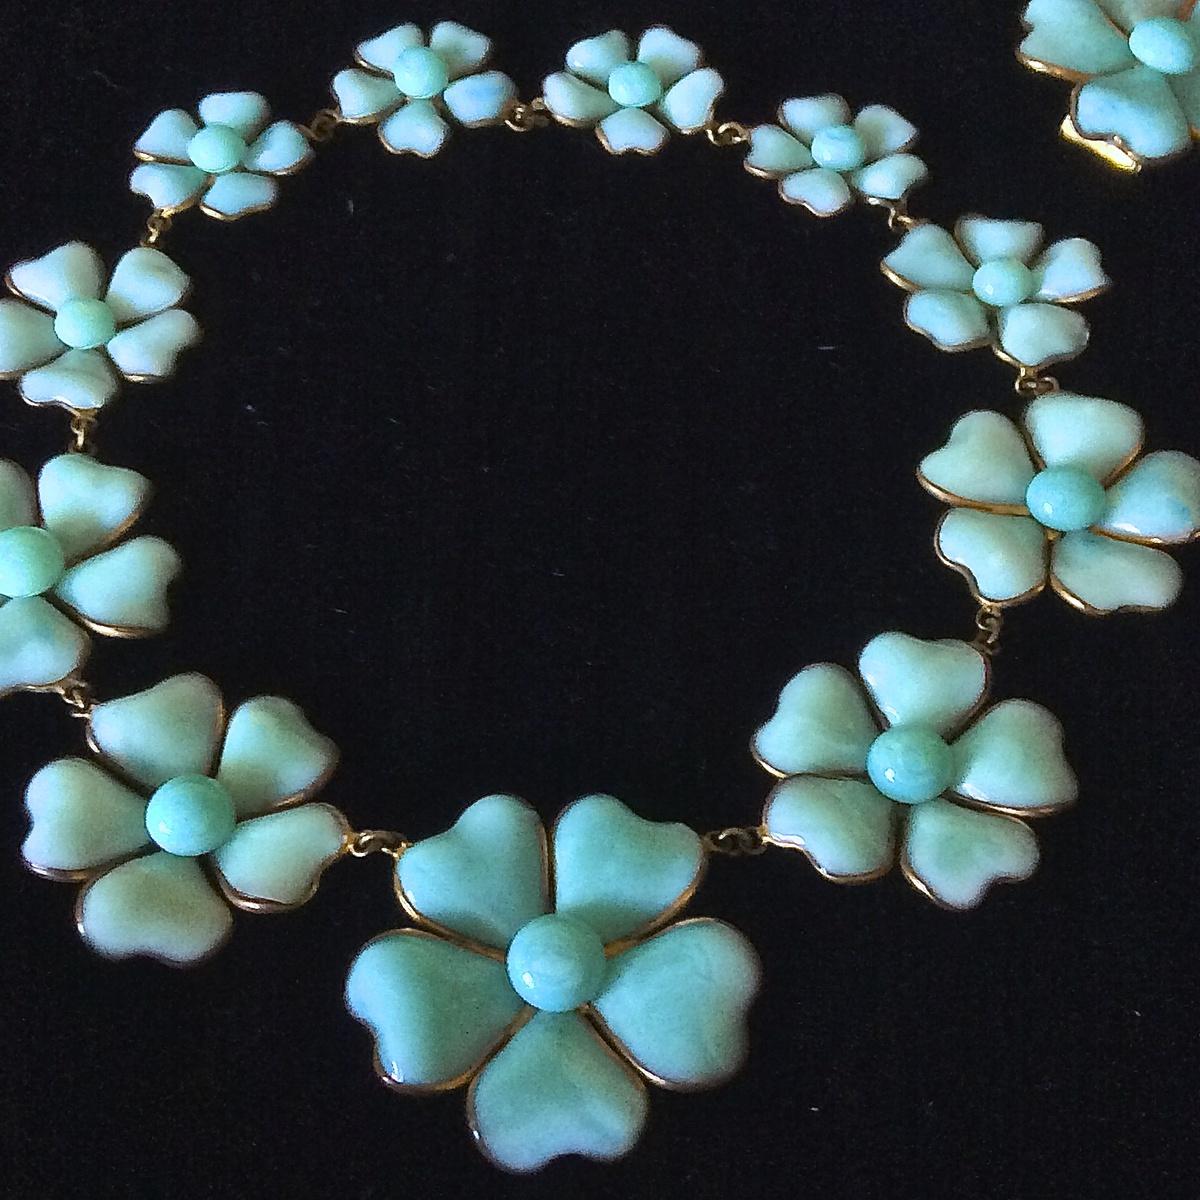 a3d580c207cc7f 1932 Maison Gripoix for Chanel Haute Couture pate de verre camellia  necklace set   Collectors Weekly